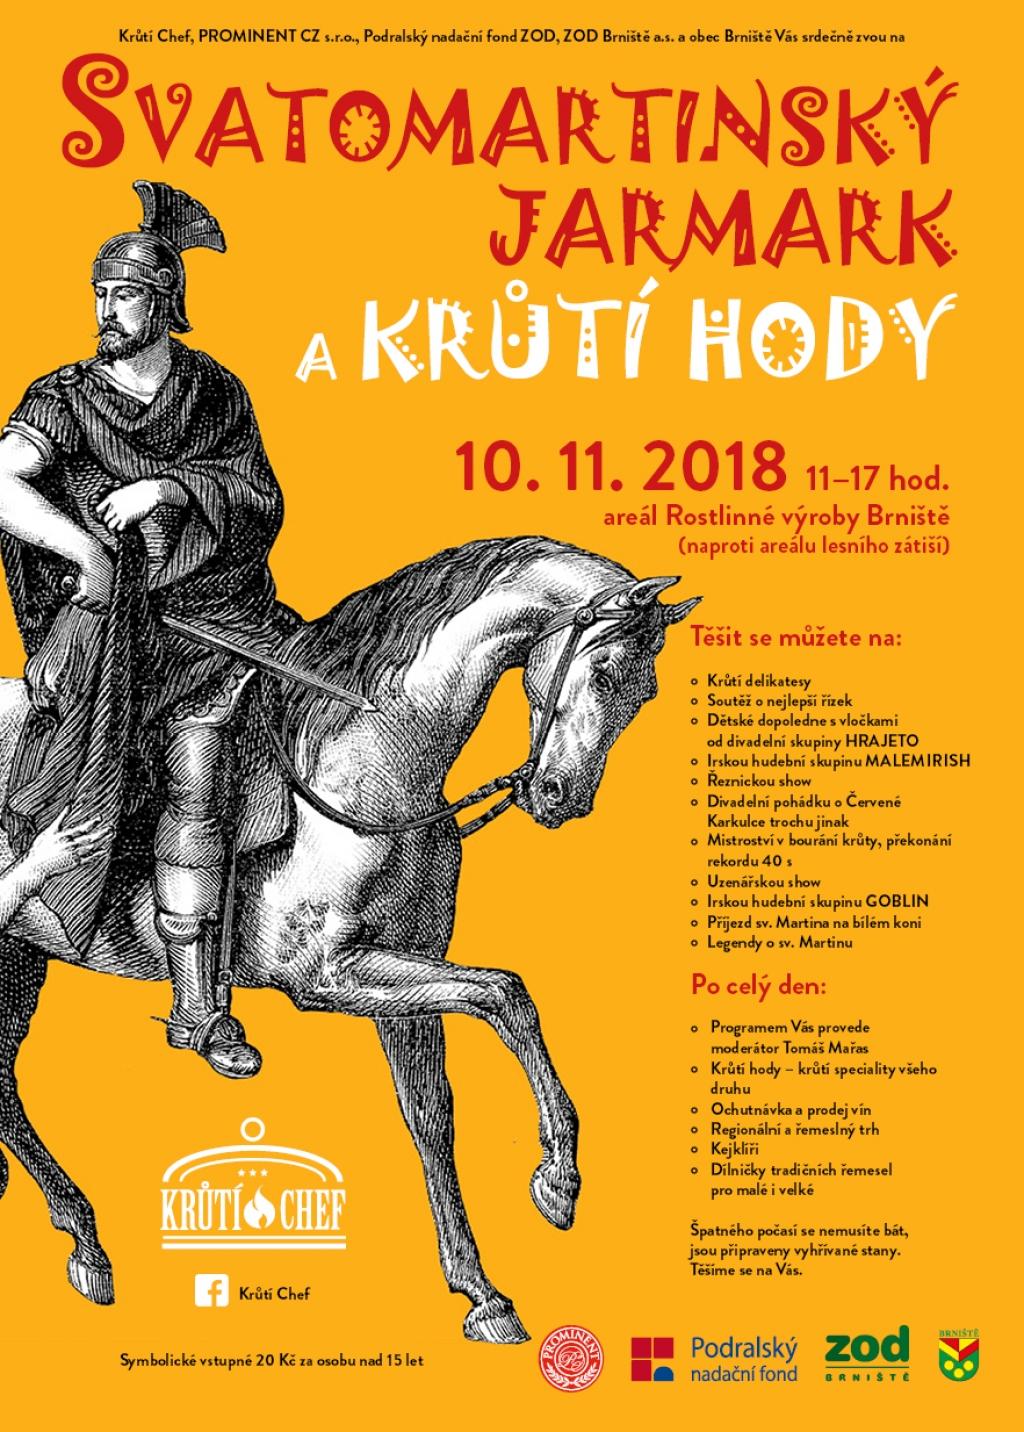 Svatomartinský jarmark, Krůtí hody a Festival řemesel Brniště 2018